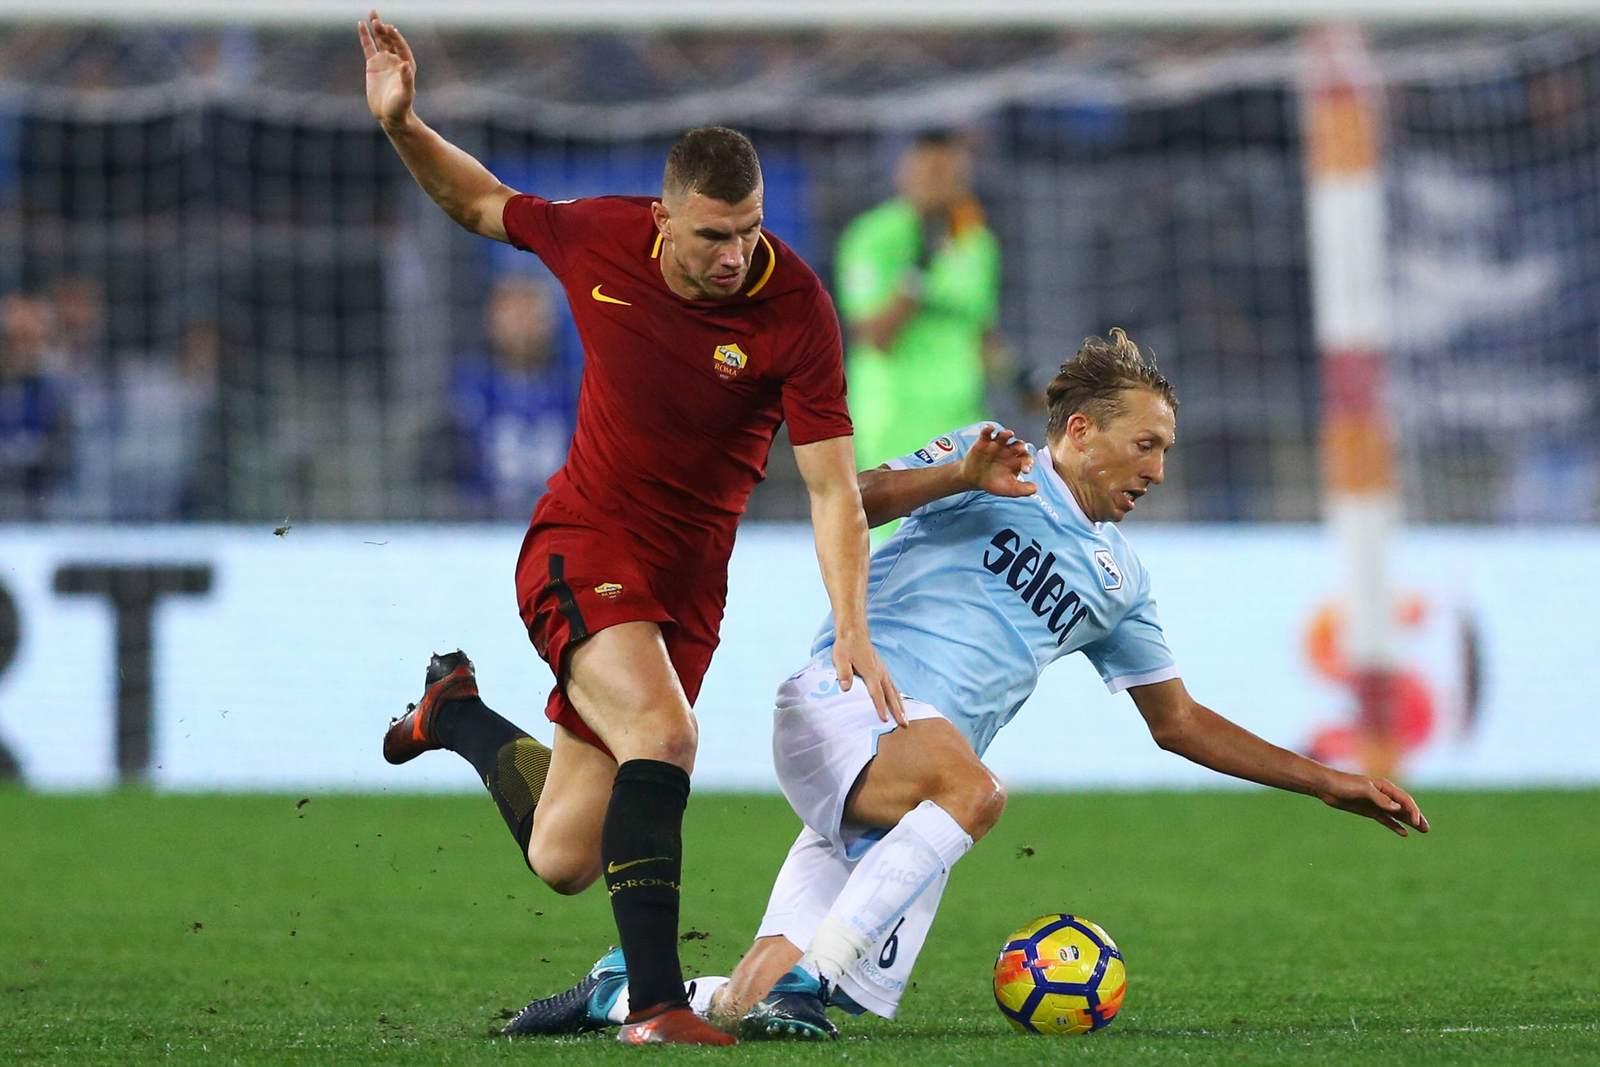 Edin Dzeko gegen Lucas Leiva. Jetzt auf die Partie Lazio vs Roma wetten